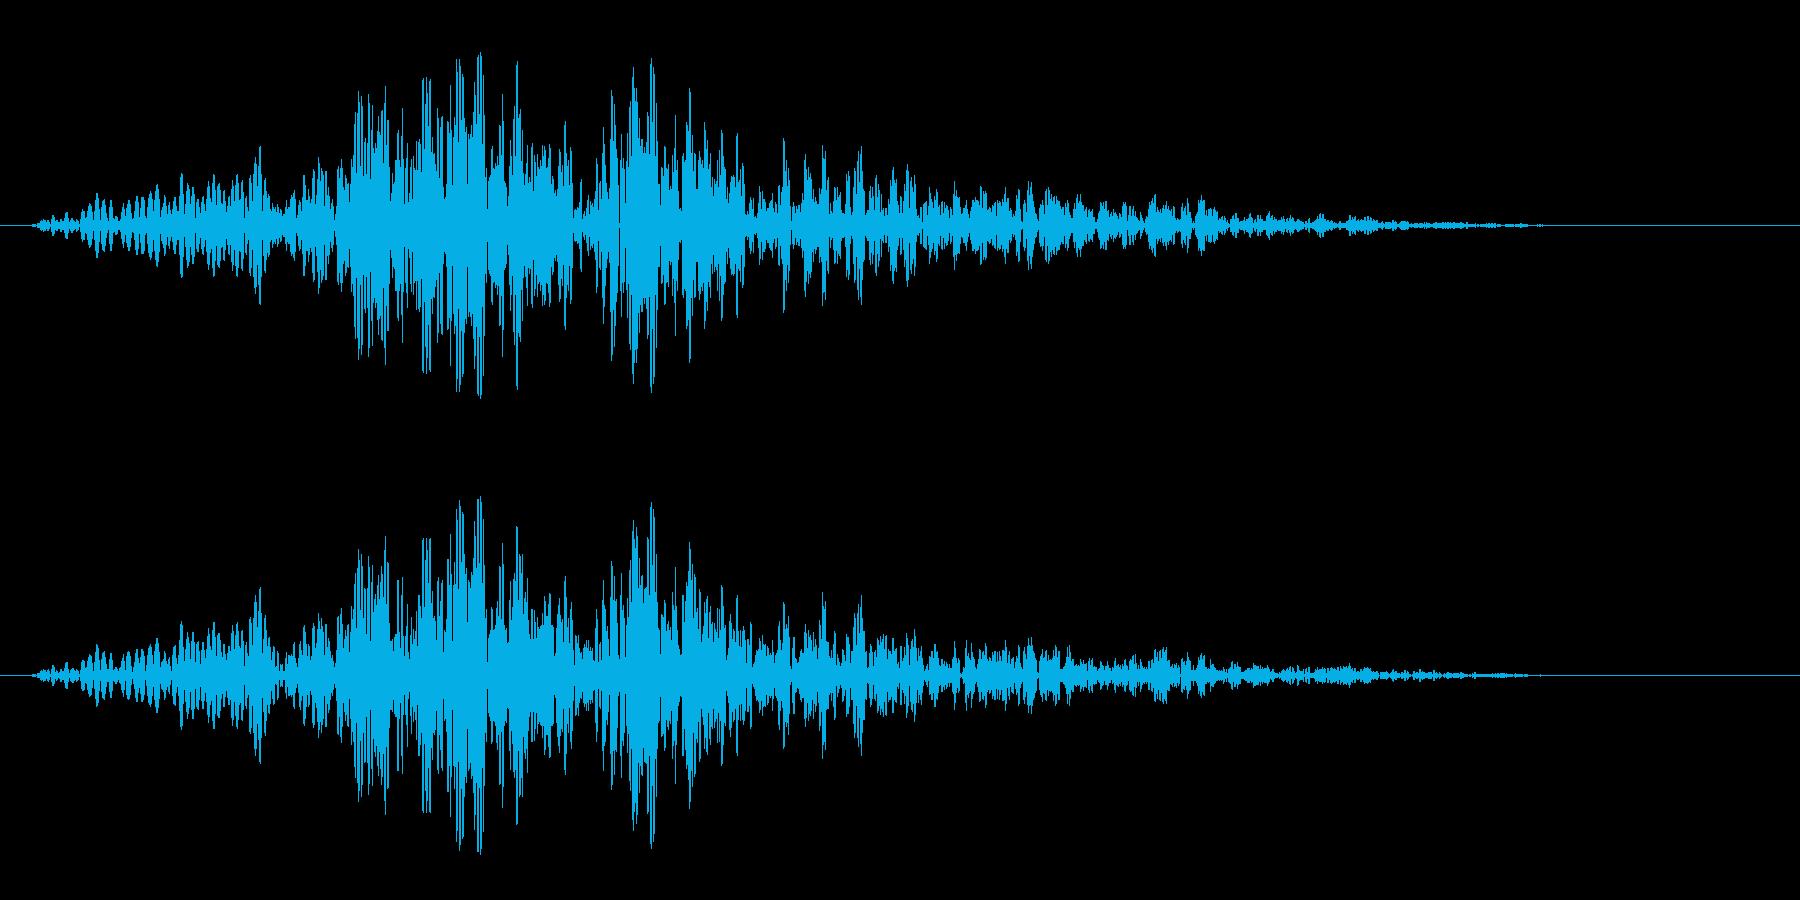 バサッ(軽いものが倒れたような音)の再生済みの波形